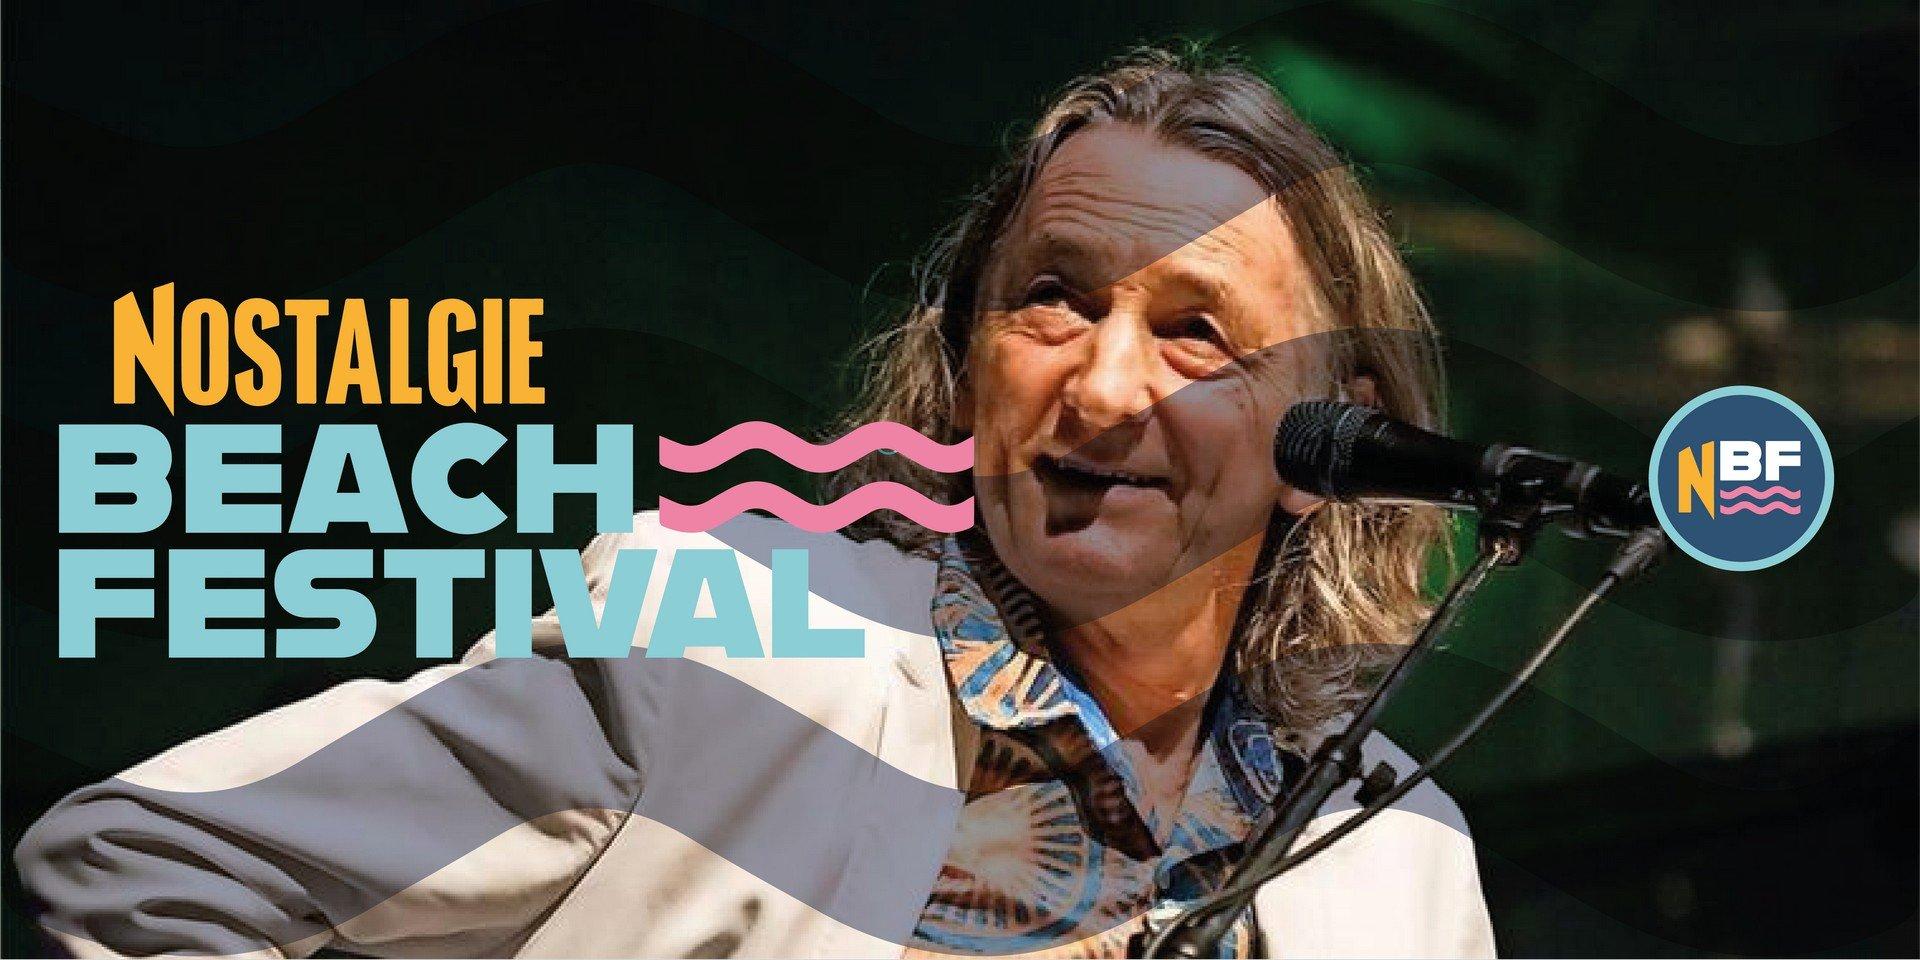 Rodger Hodgson komt naar het Nostalgie Beach Festival! - Roger Hodsgon Nostalgie 2020